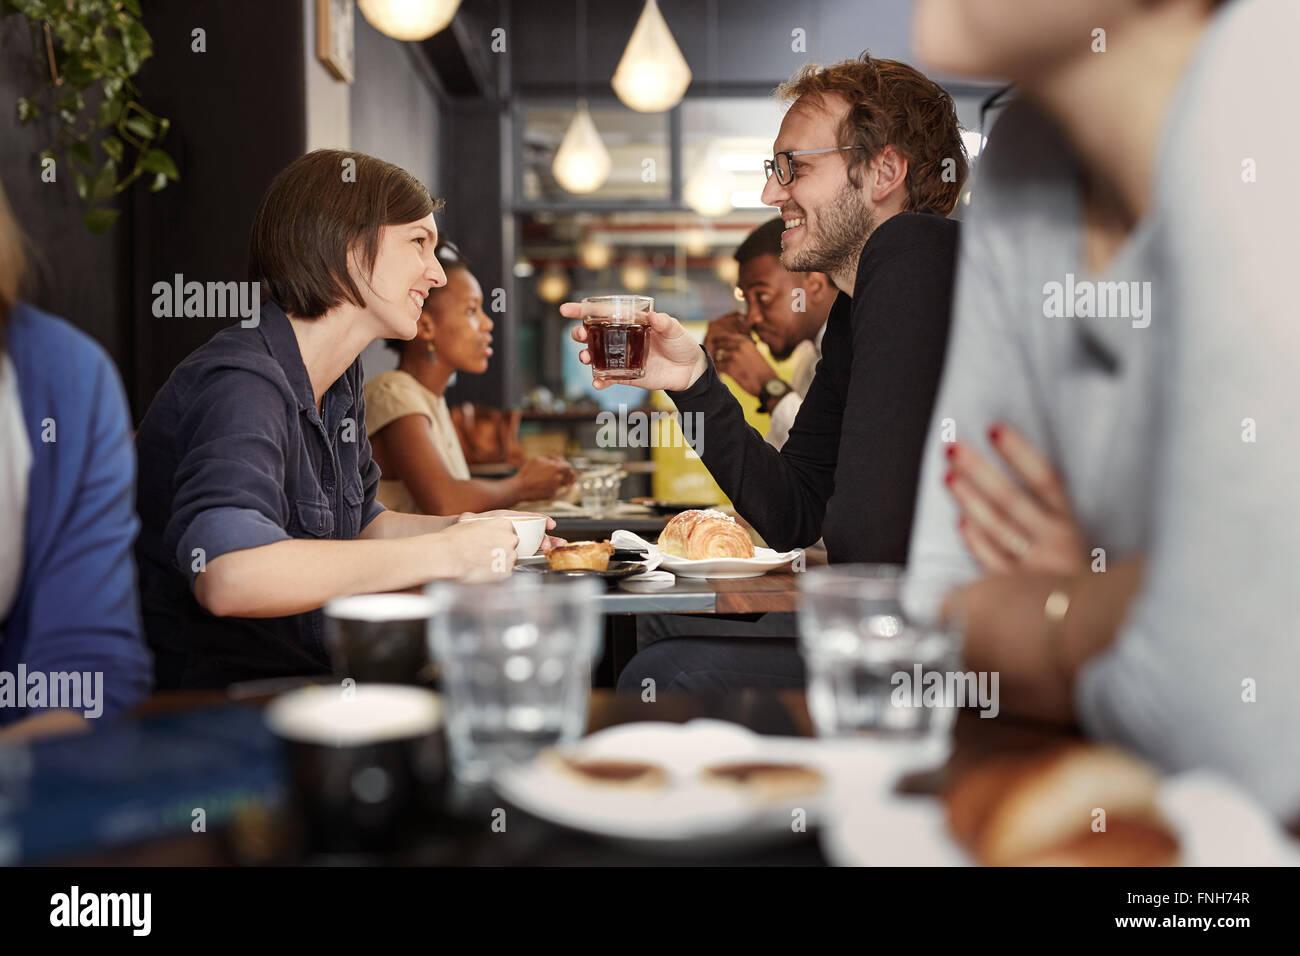 Belebten Café mit einem jungen Paar Lächeln einander an Stockbild